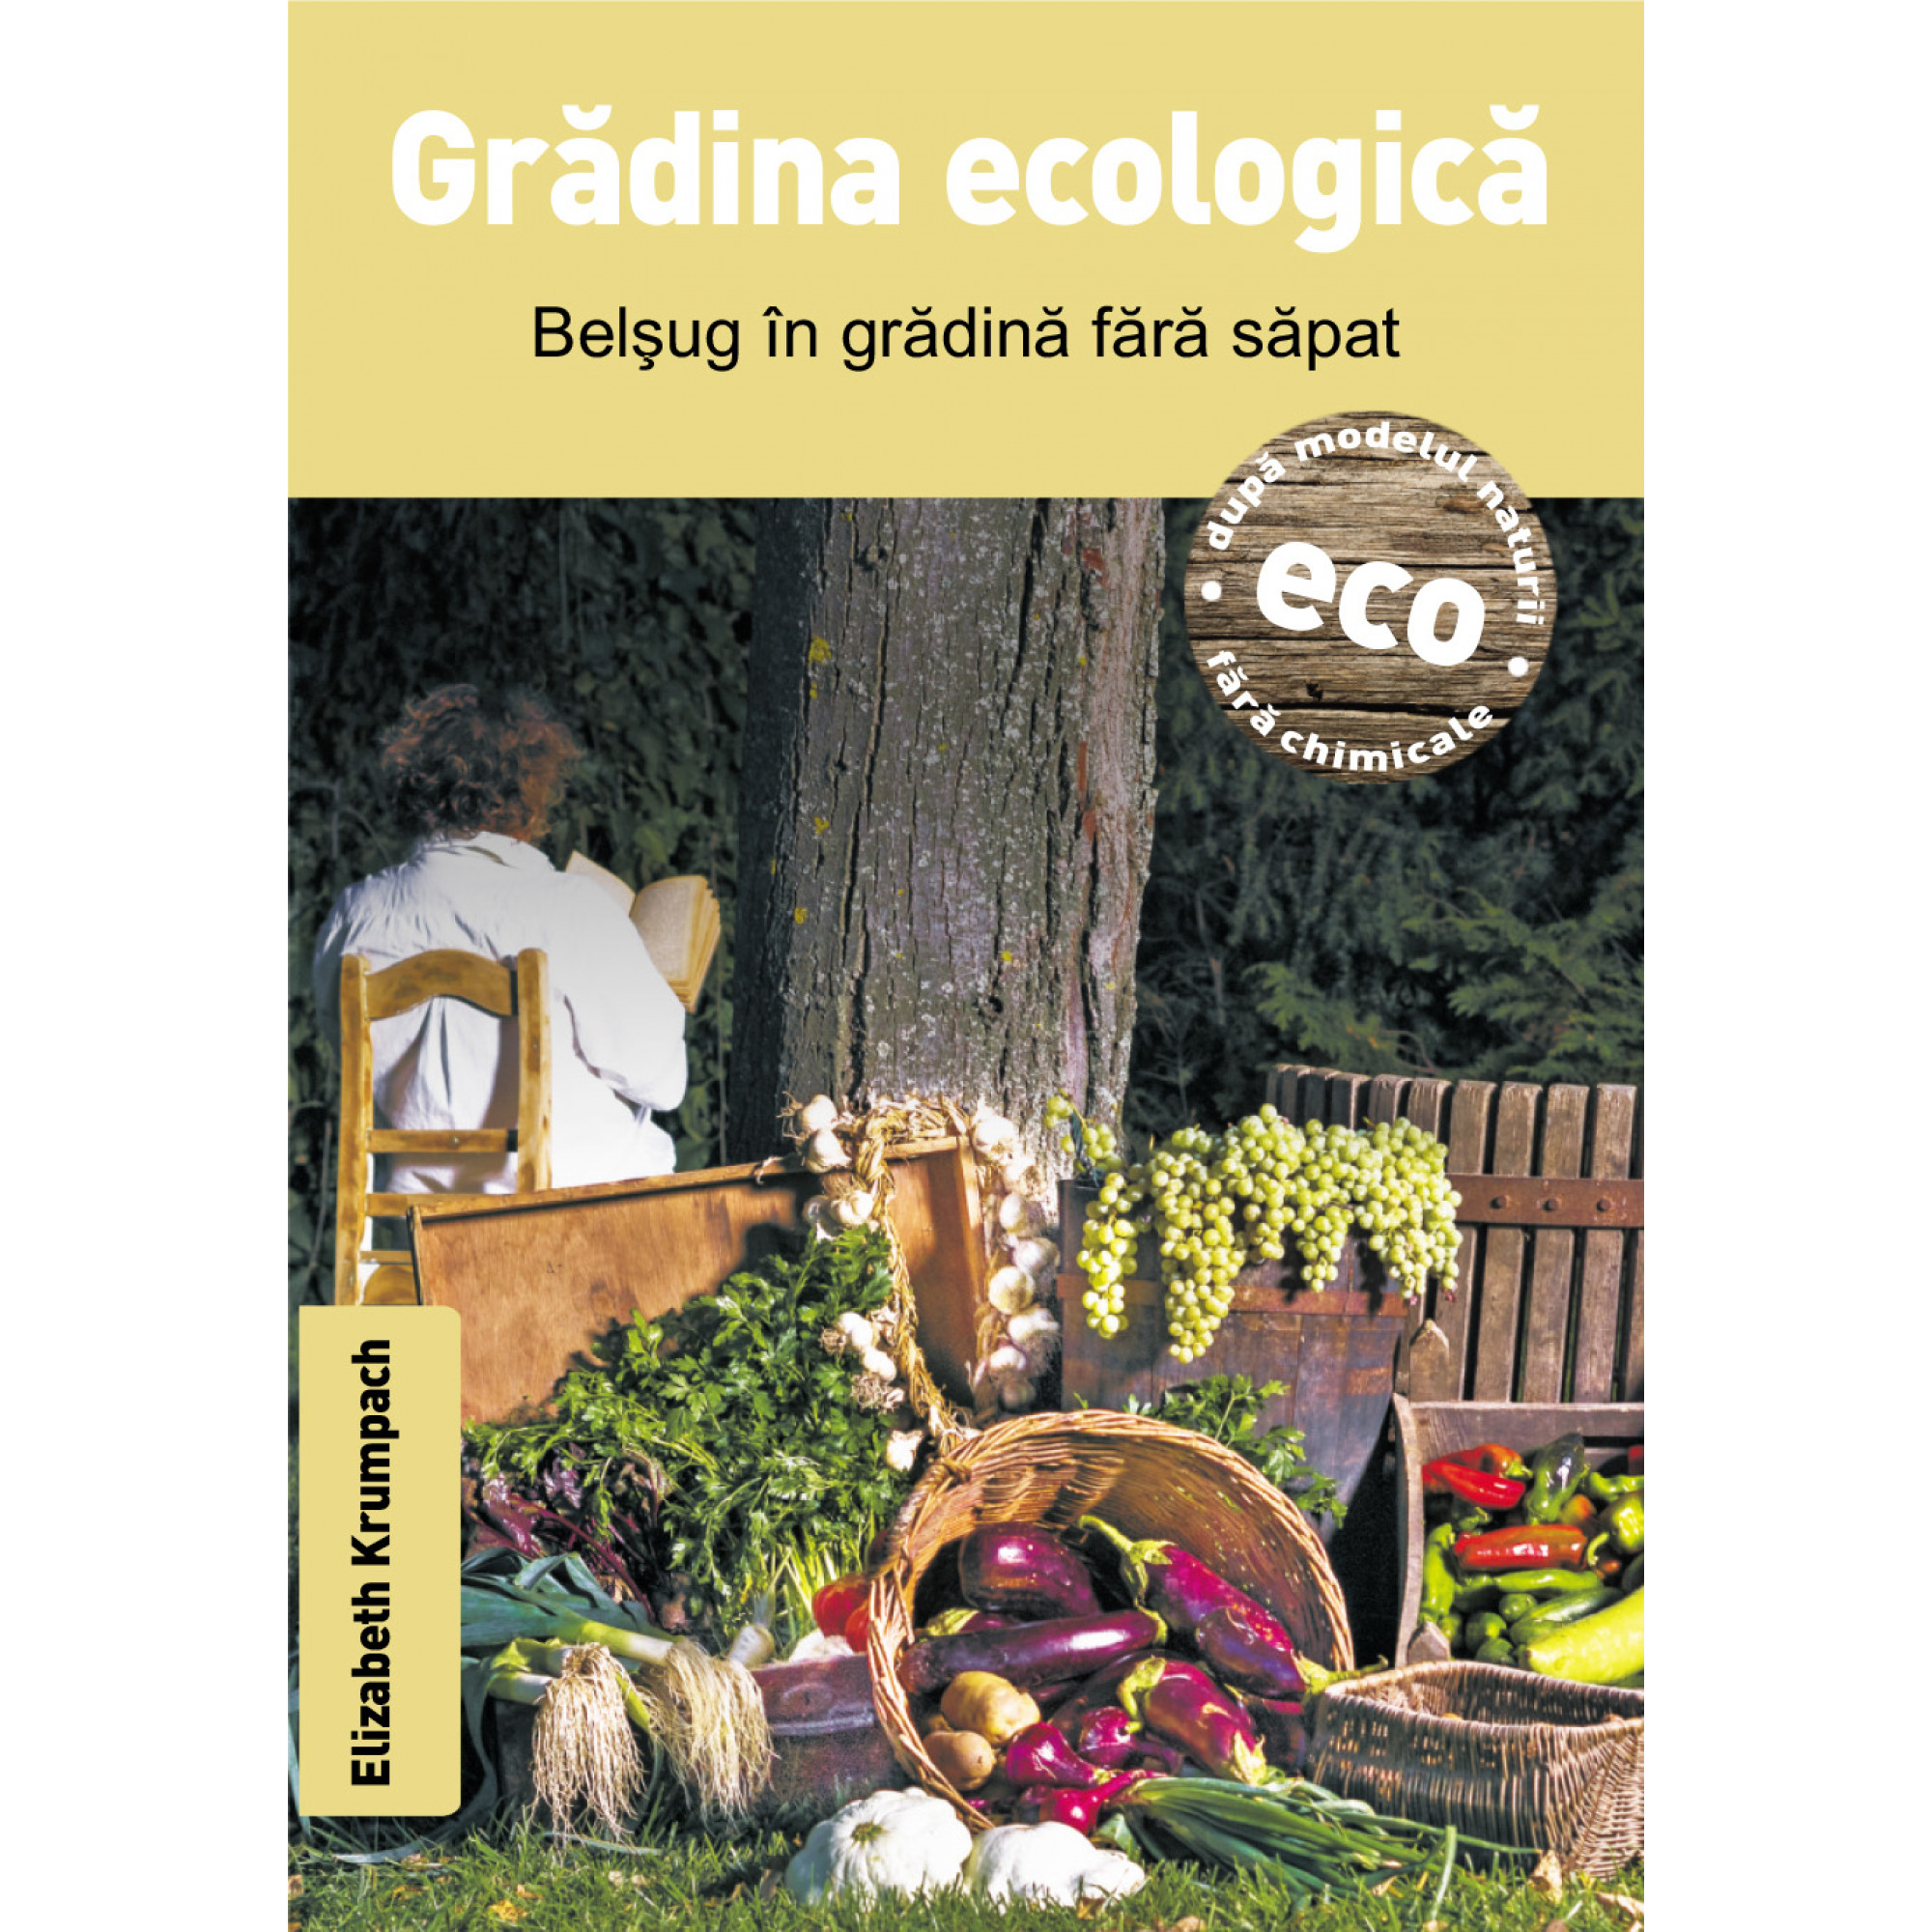 Grădina ecologică - Belşug in grădină fără săpat